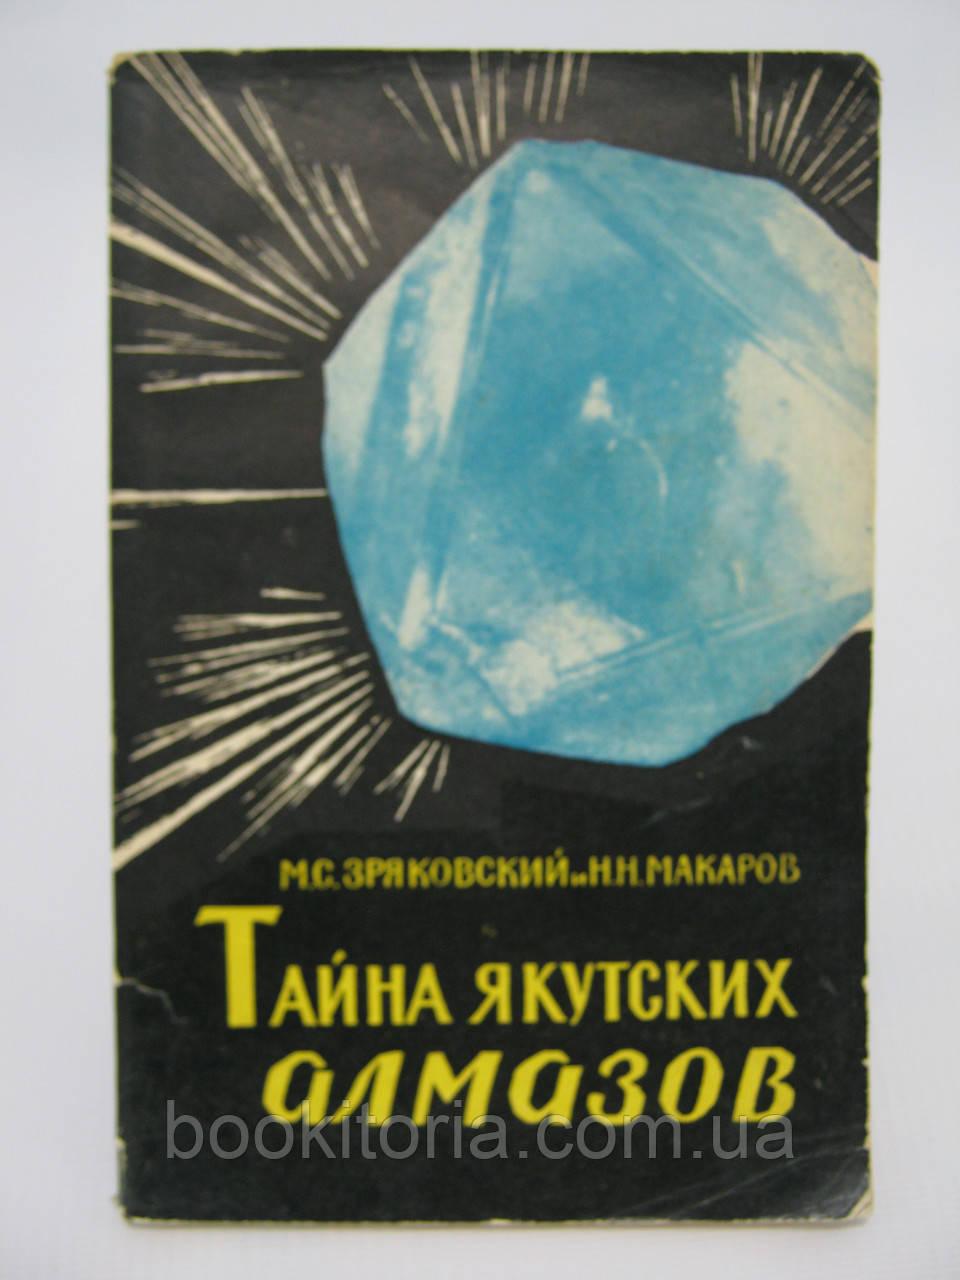 Зряковский М.С., Макаров Н.Н. Тайна якутских алмазов (б/у).